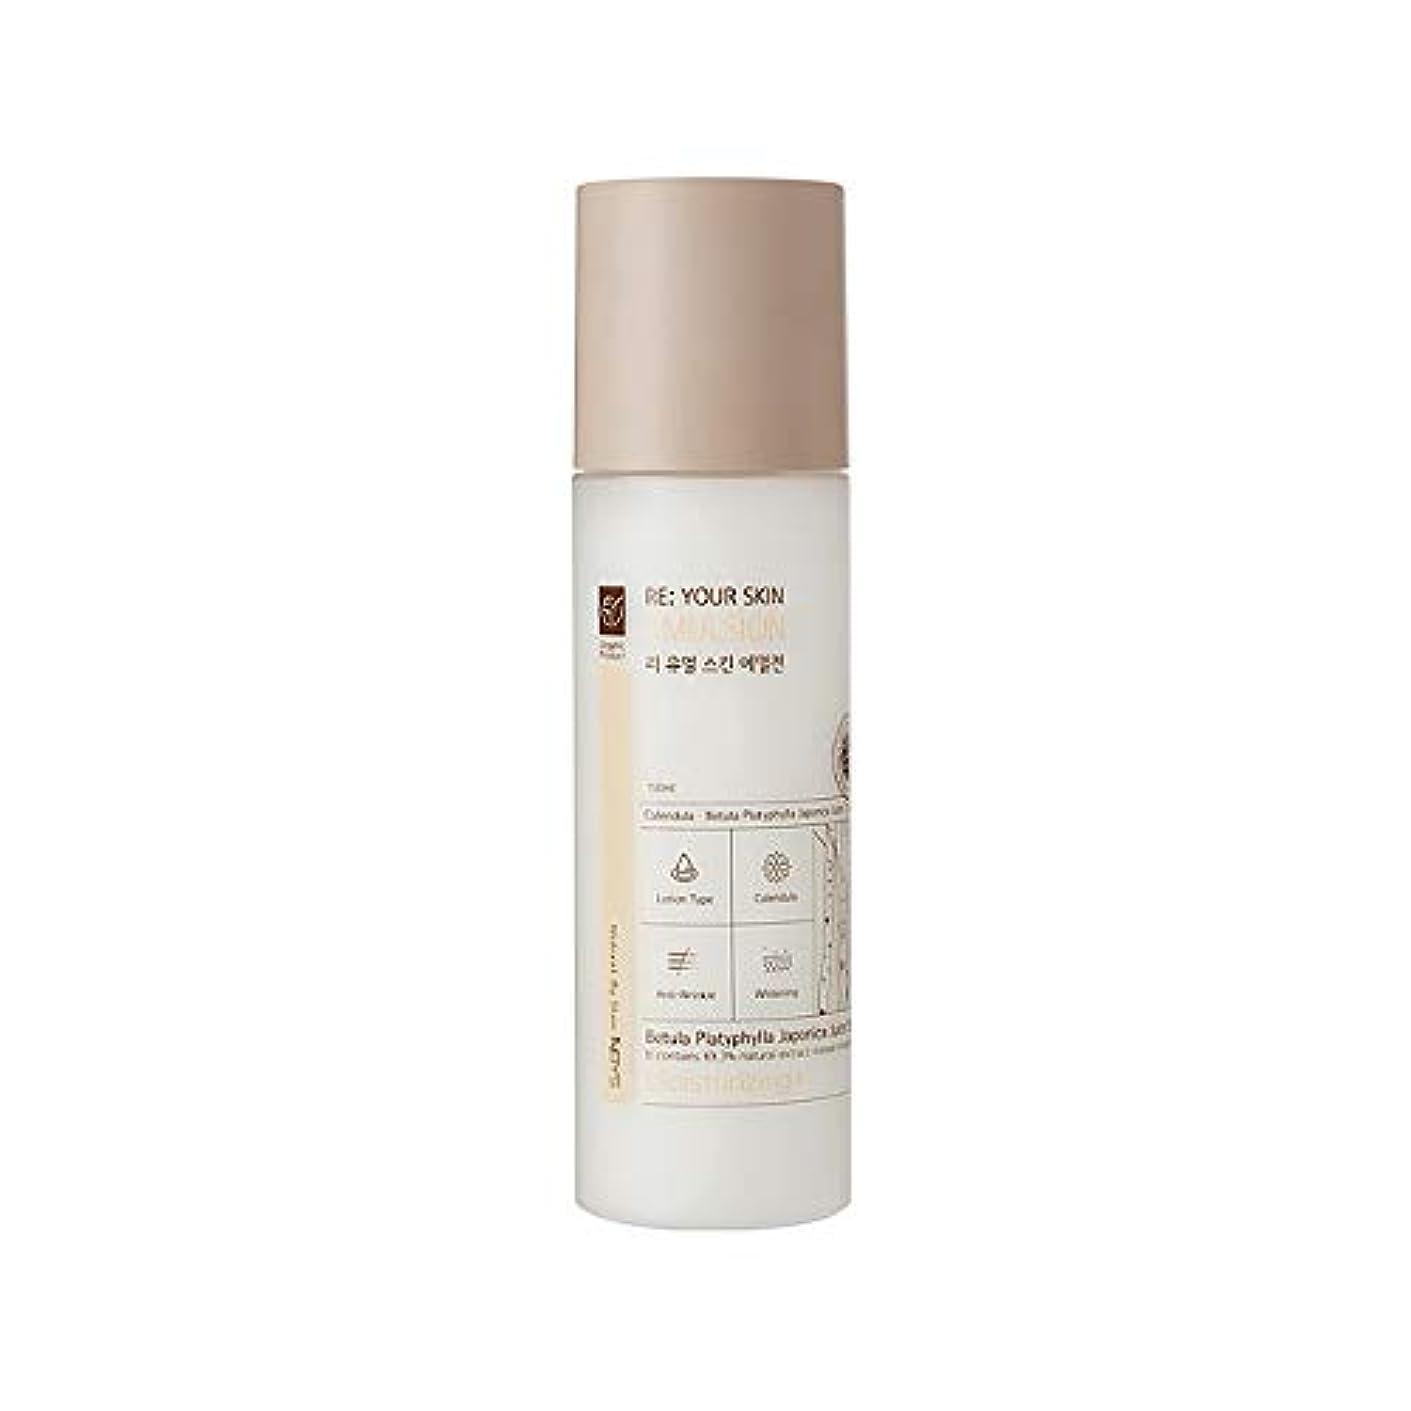 イベントペナルティシェフ[NBYS] RE Your Skin Emulsion 美容液 エマルジョン 150ml [並行輸入品]